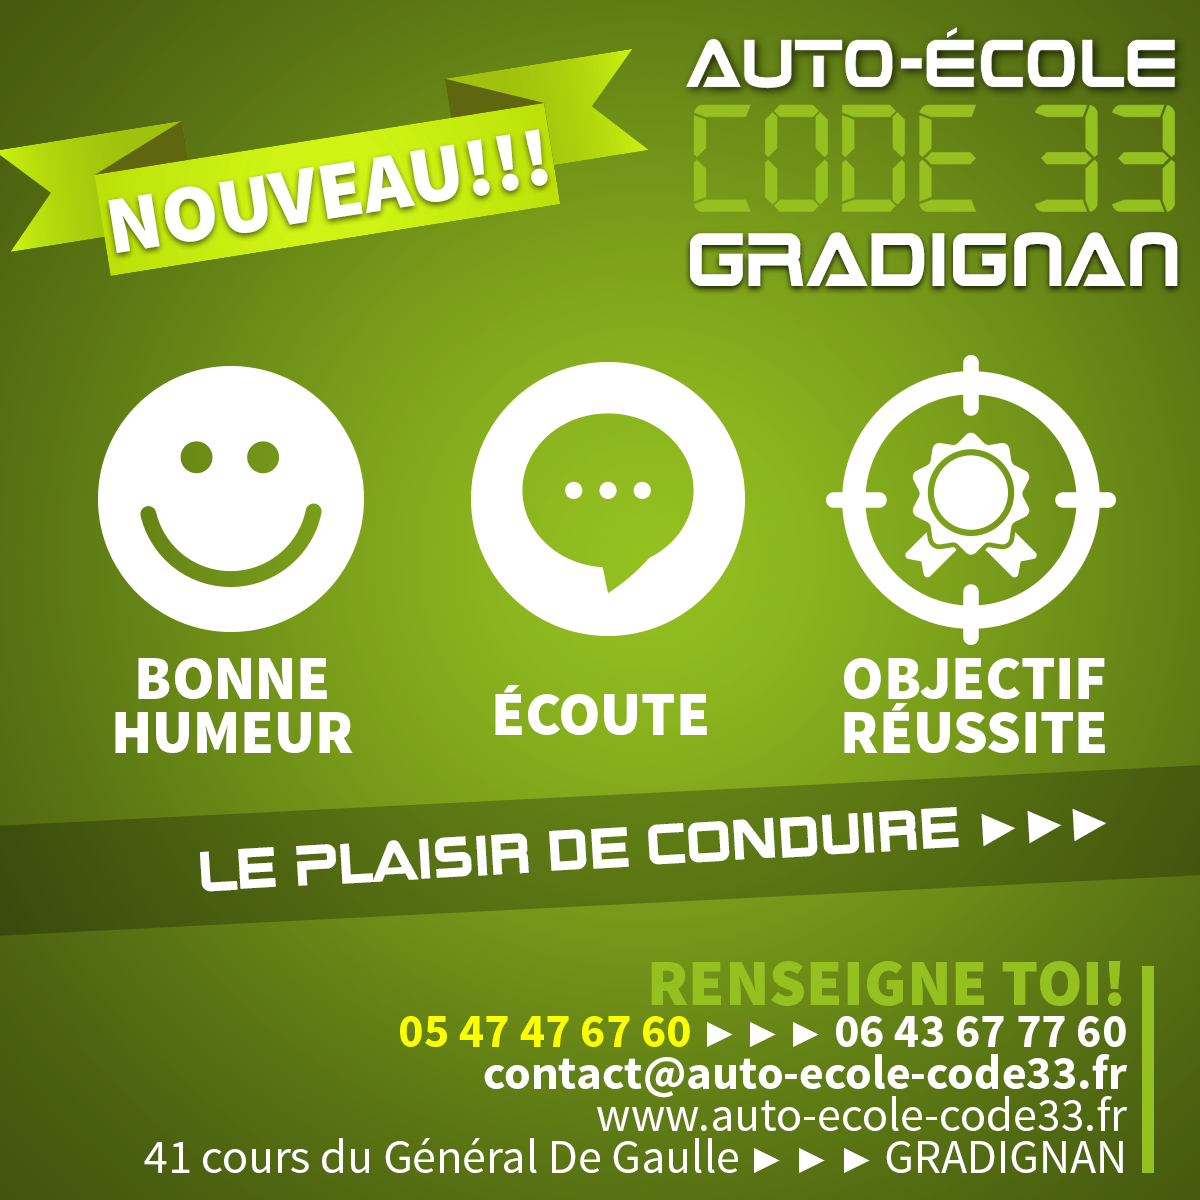 Bannières Facebook pour l'Auto-école Code 33 de Gradignan